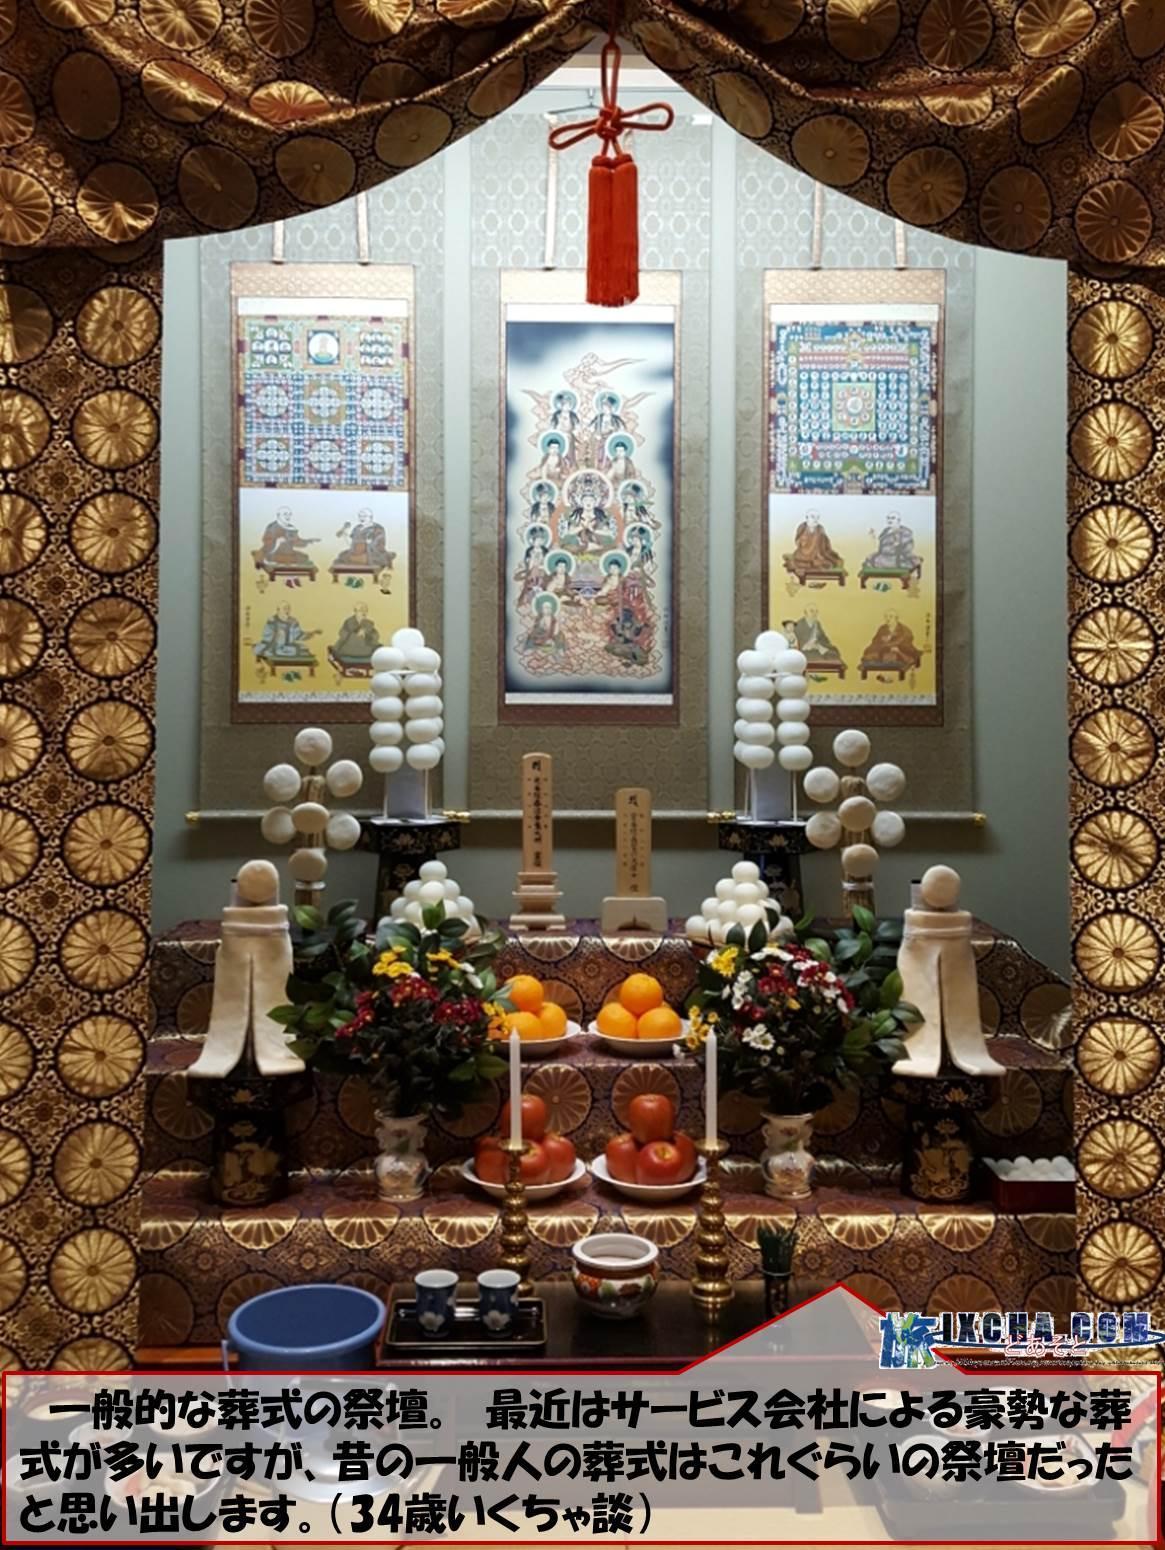 一般的な葬式の祭壇。 最近はサービス会社による豪勢な葬式が多いですが、昔の一般人の葬式はこれぐらいの祭壇だったと思い出します。(34歳いくちゃ談)